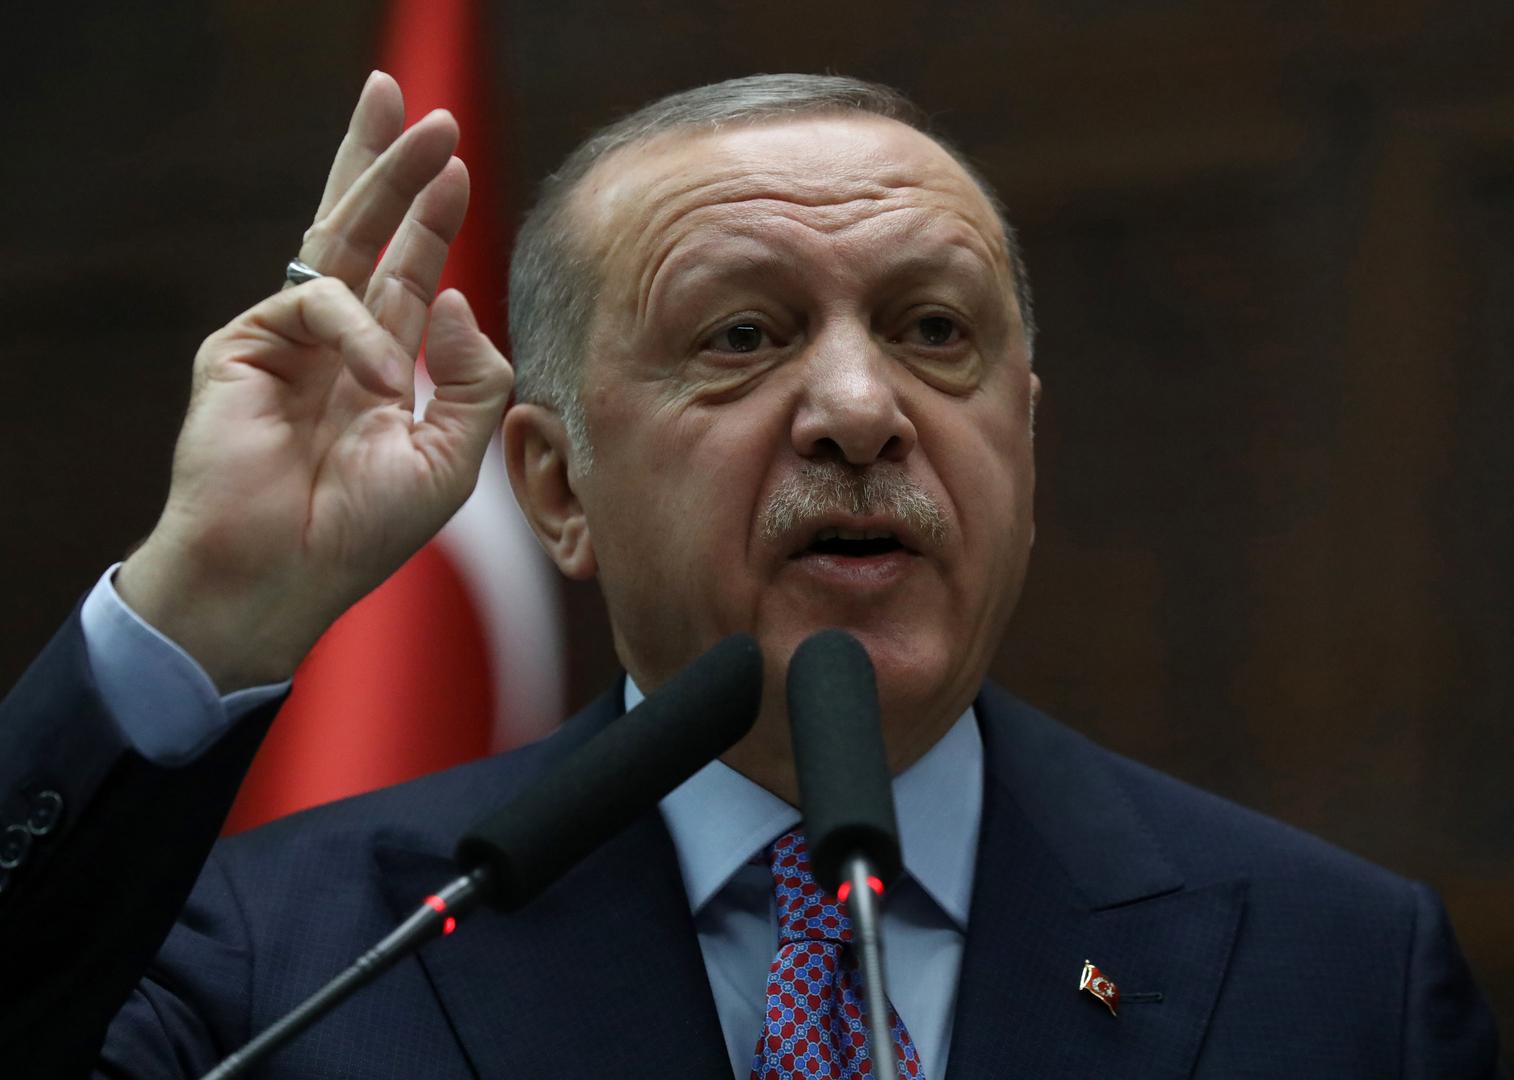 أردوغان عن اللاجئين: المسألة حُسمت والأبواب لن تغلق